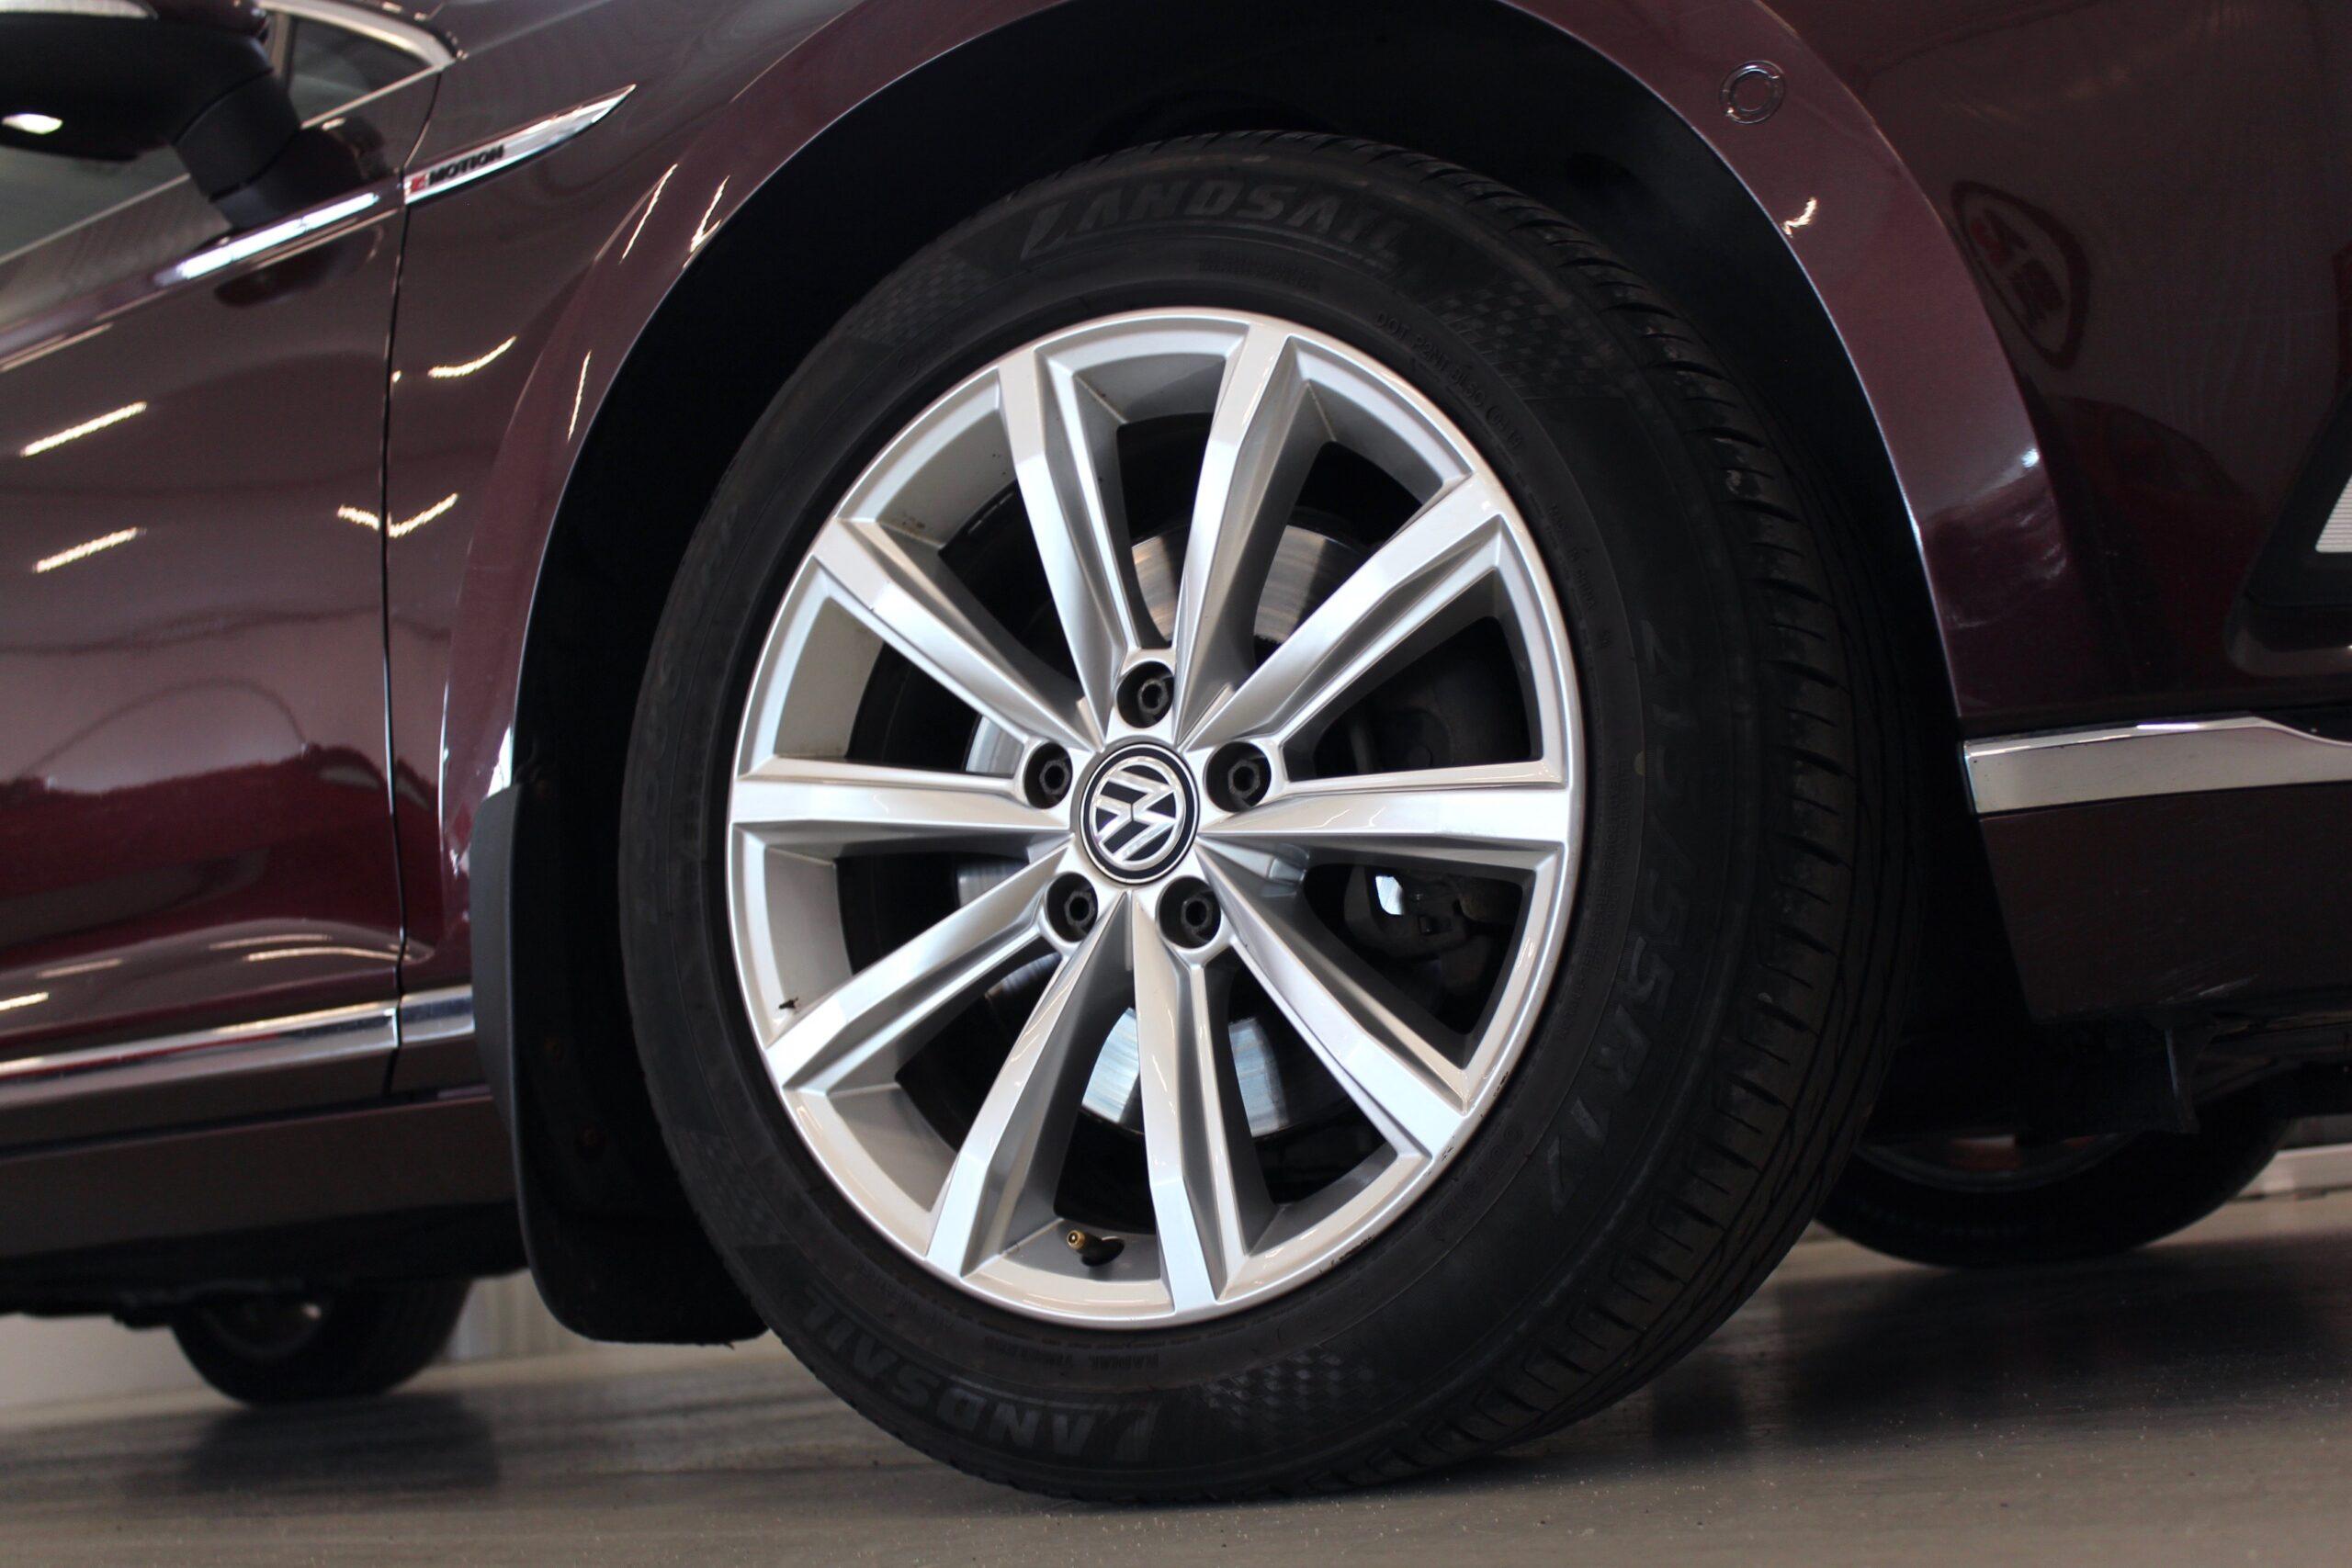 Volkswagen Passat Sportscombi 2.0 TDI SCR BlueMotion Euro 6